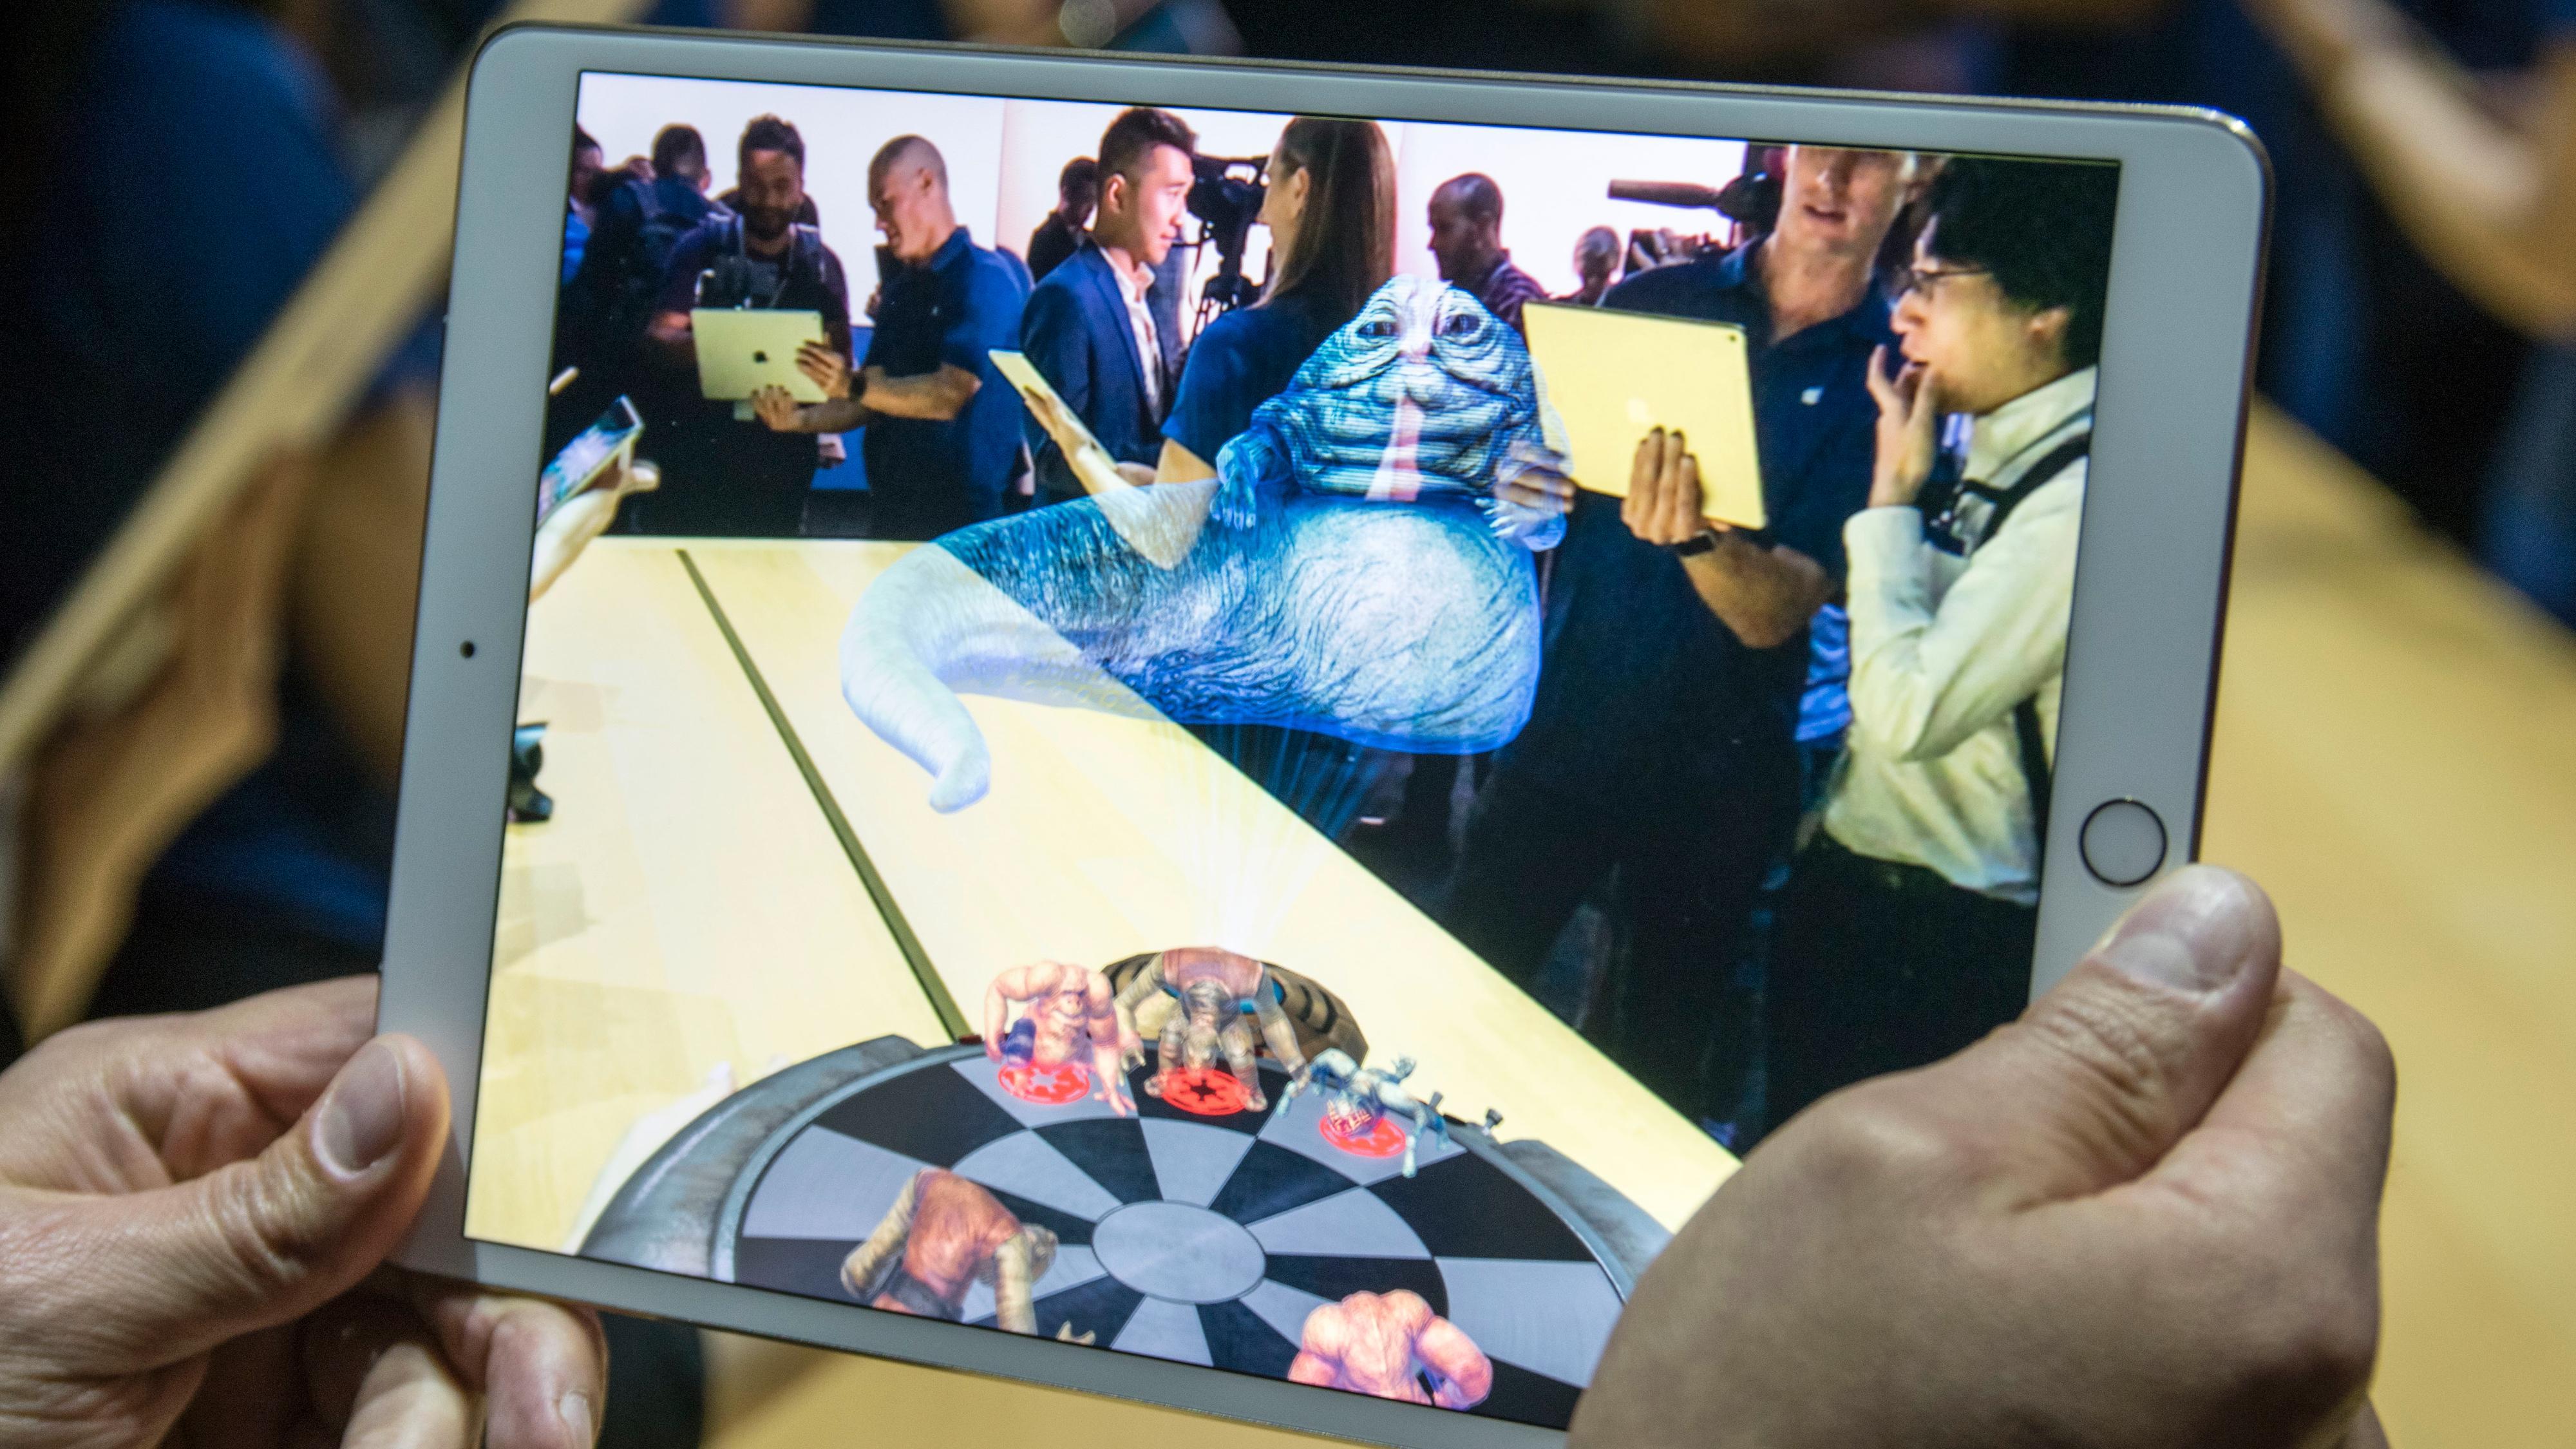 Foreløpig er første app ut med AR-støtte på iPad en slags sjakkutgave hentet fra Star Wars. Jabba The Hut er naturligvis med, og detaljene som speiles i brettet er fra romskipet Millennium Falcon.